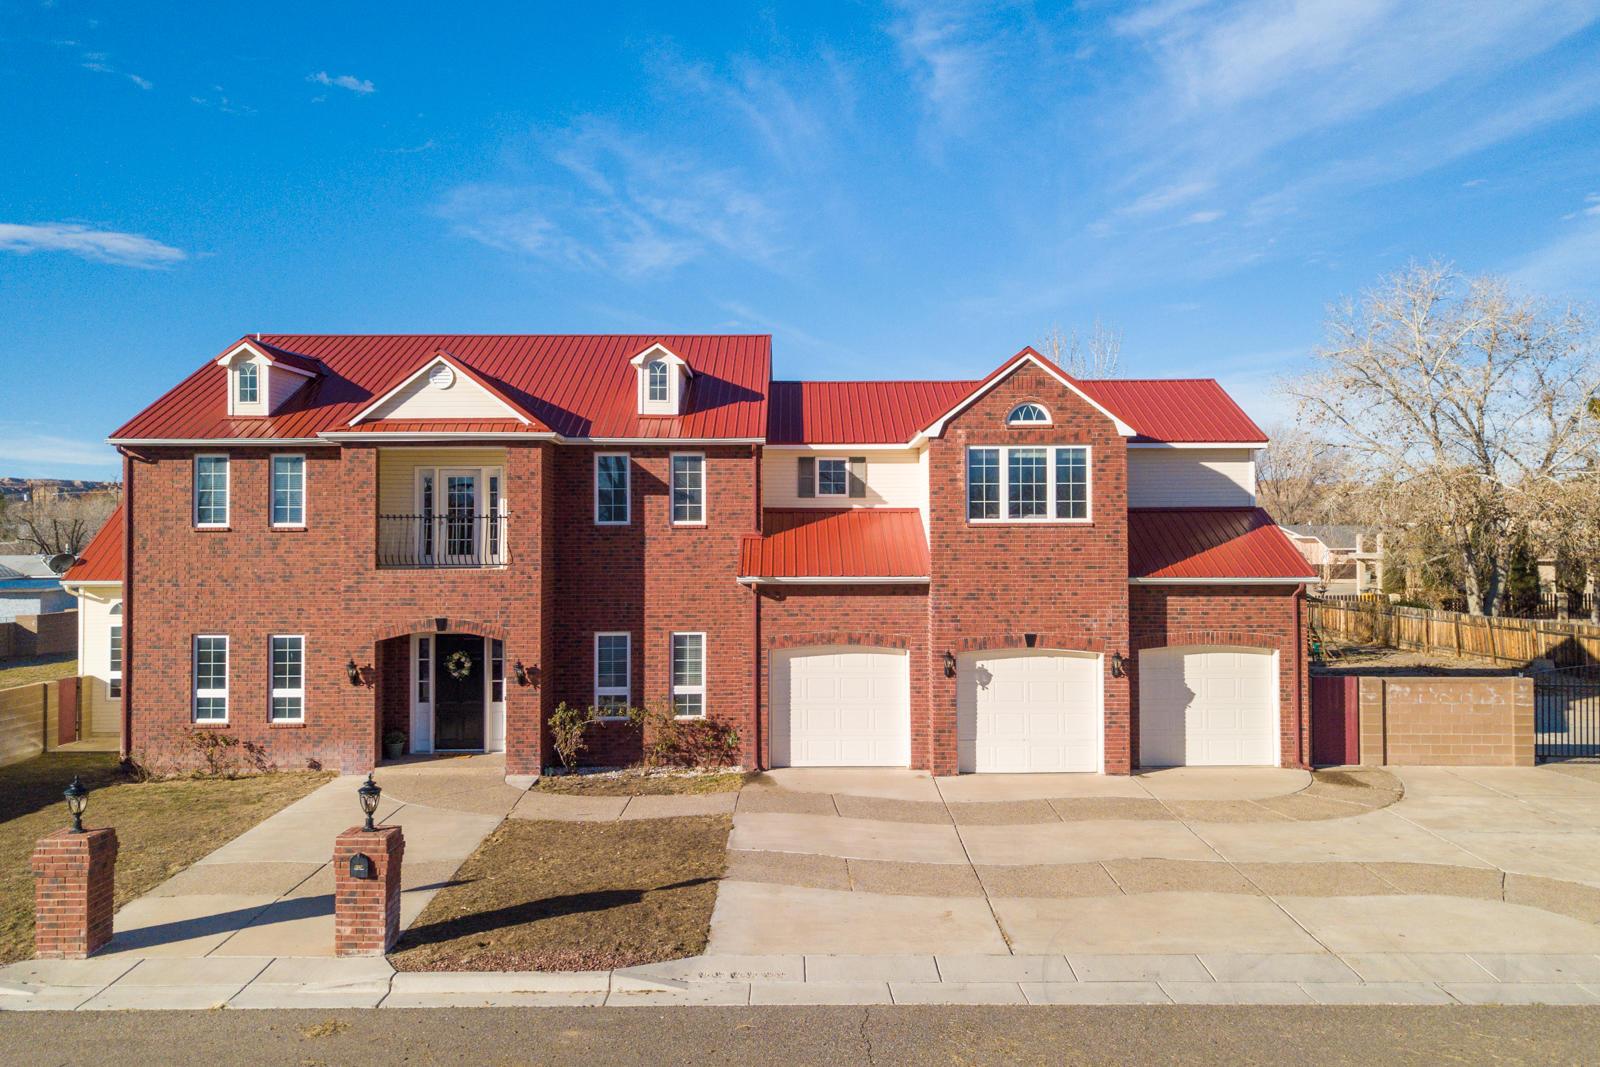 609 LAURA Drive, Belen, NM 87002 - Belen, NM real estate listing